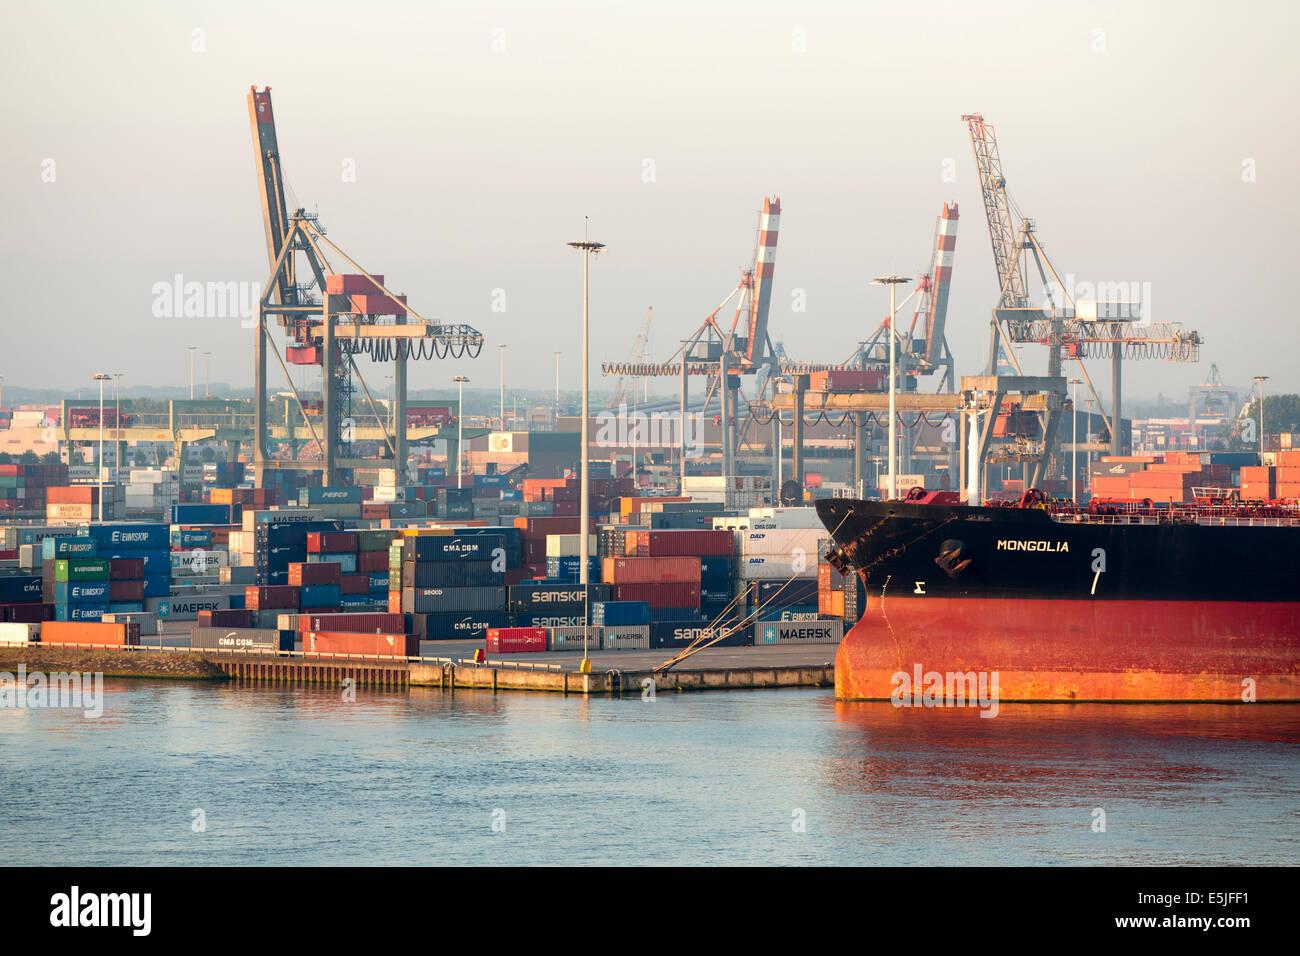 Países Bajos, Rotterdam, el puerto de Rotterdam. Puerto o puerto de contenedores Imagen De Stock